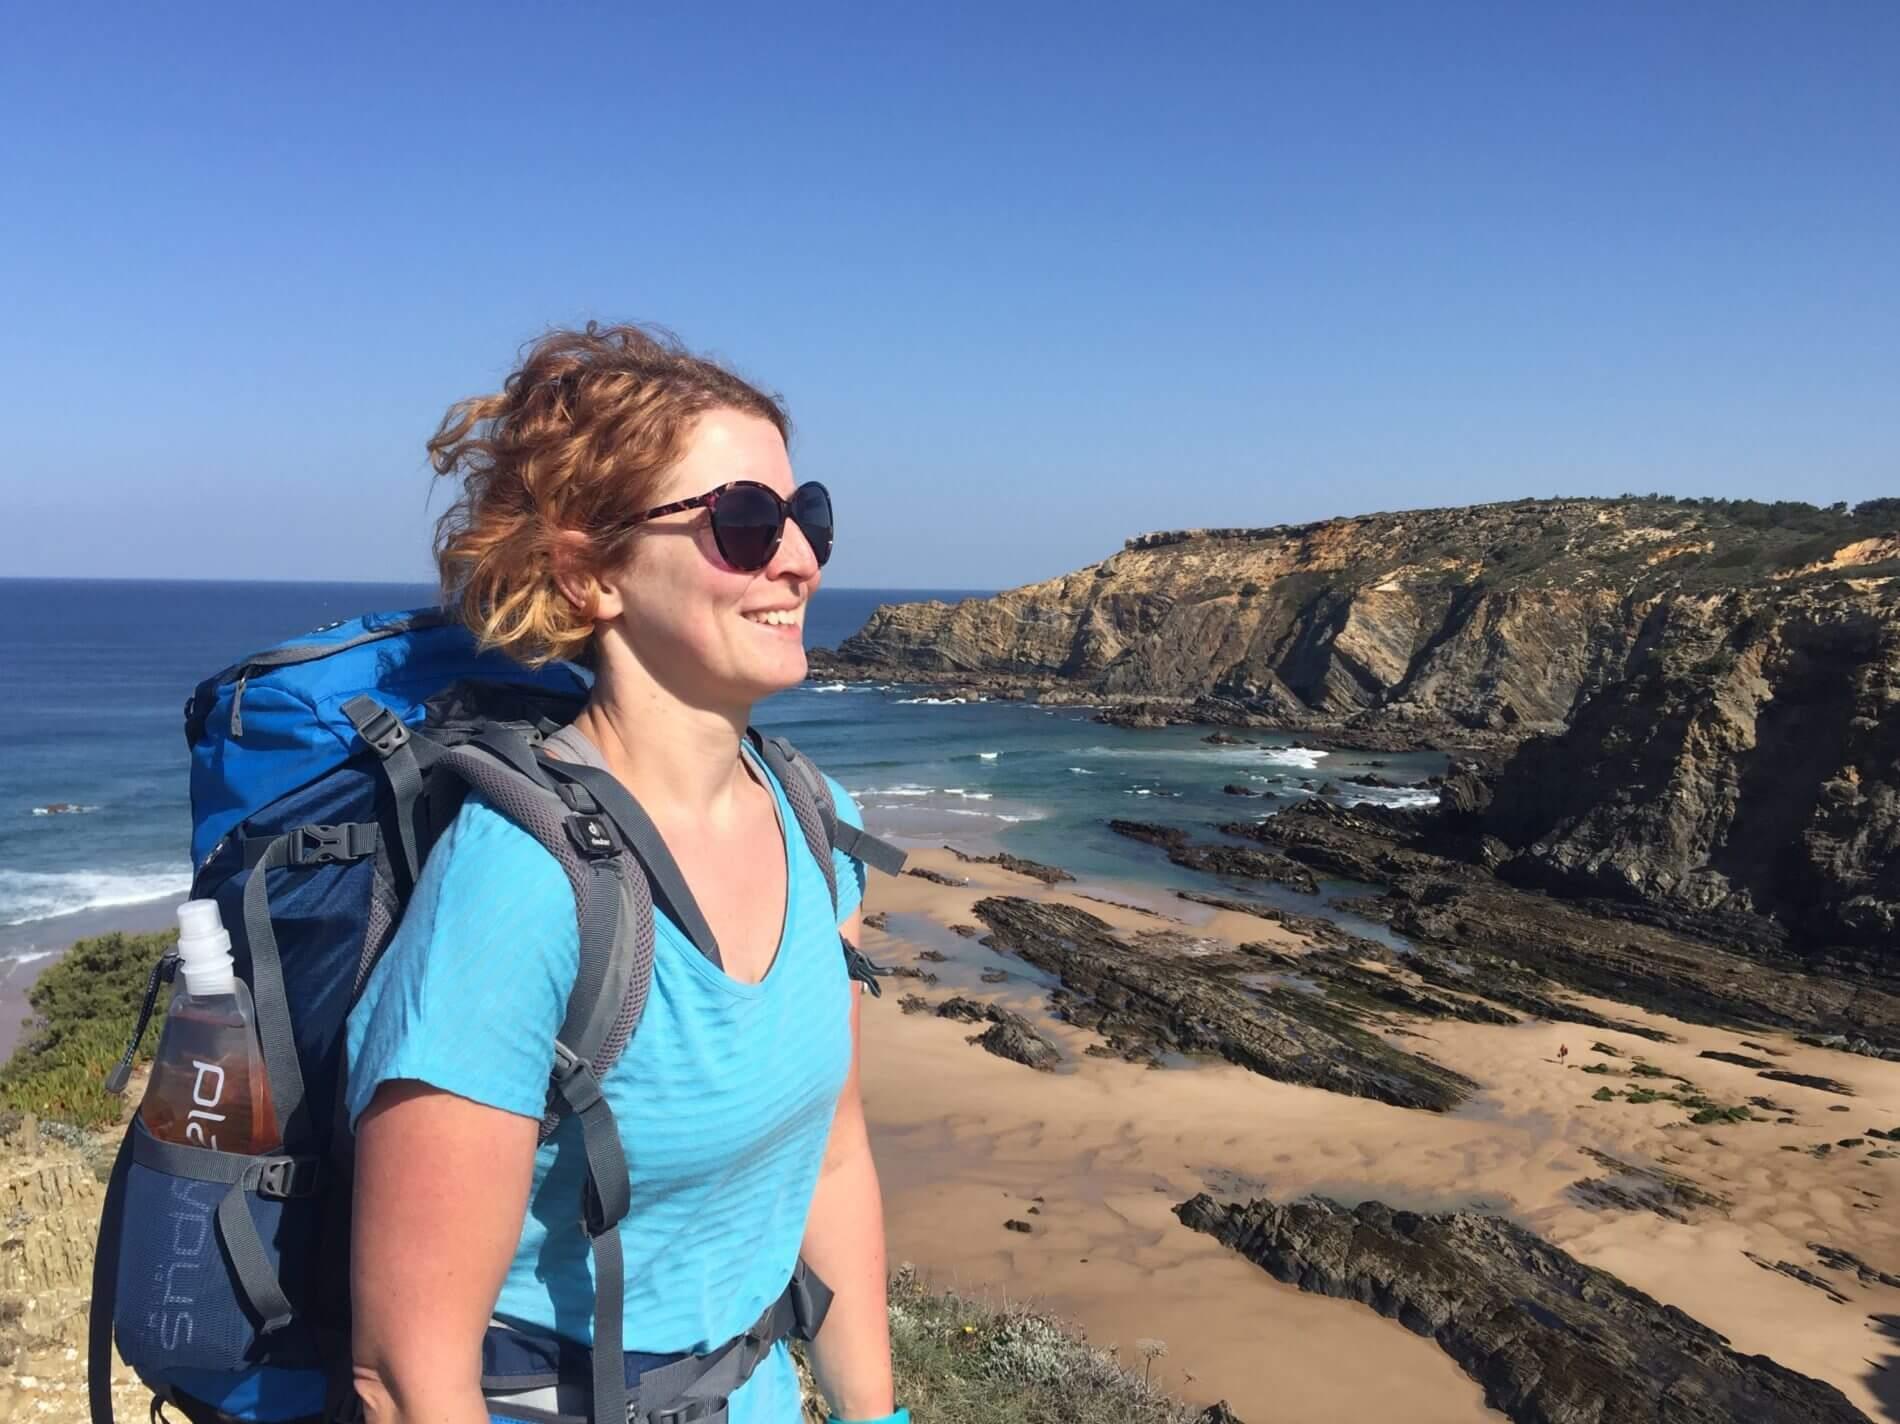 Rota Vicentina_Fishermen's Trail_Andrea mit Rucksack